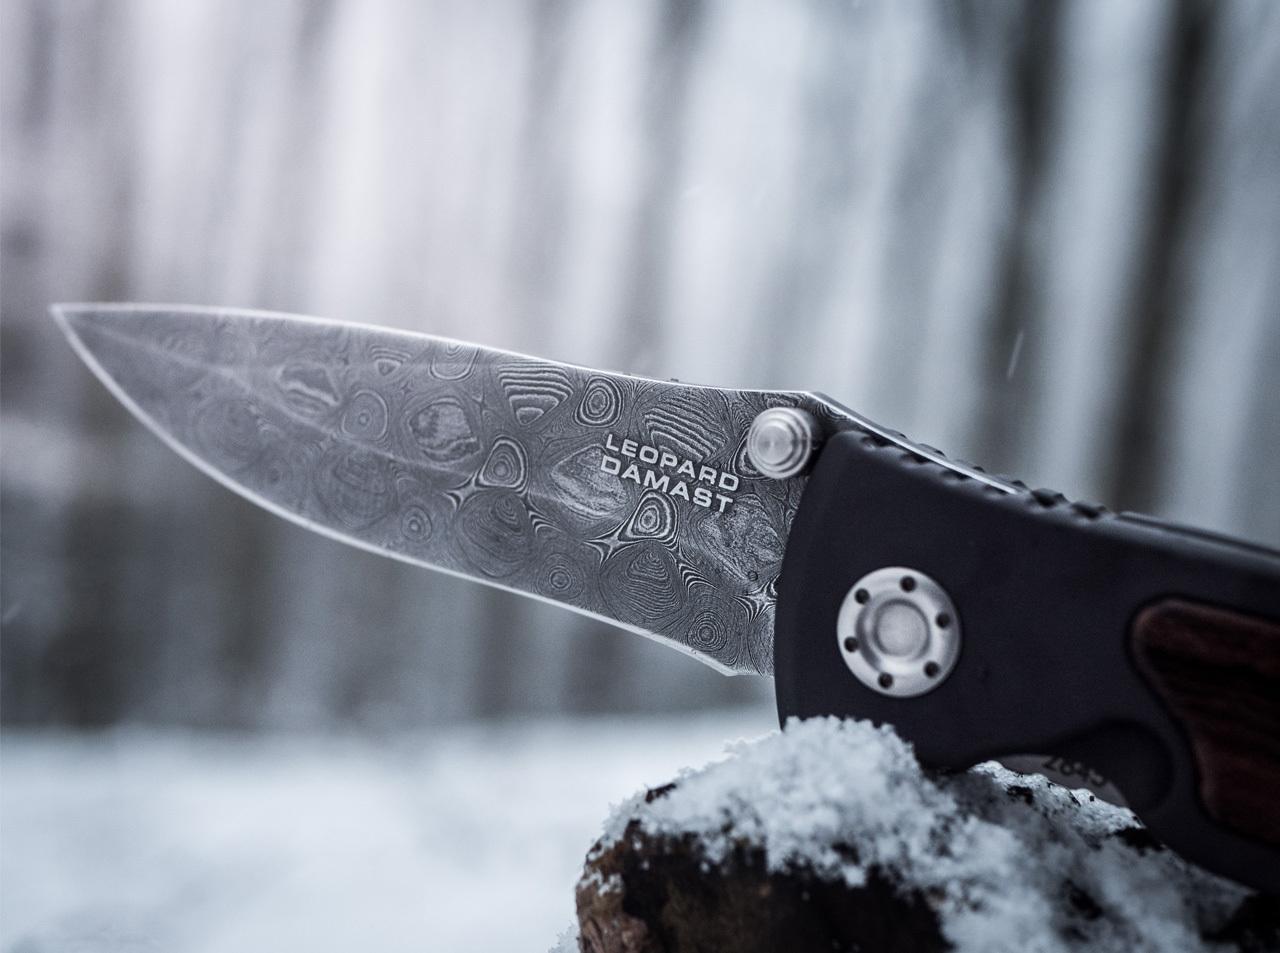 Фото 11 - Нож складной Leopard Damascus II - Boker 111054DAM, дамасская сталь Plain, рукоять анодированный алюминий/дерево, коричневый